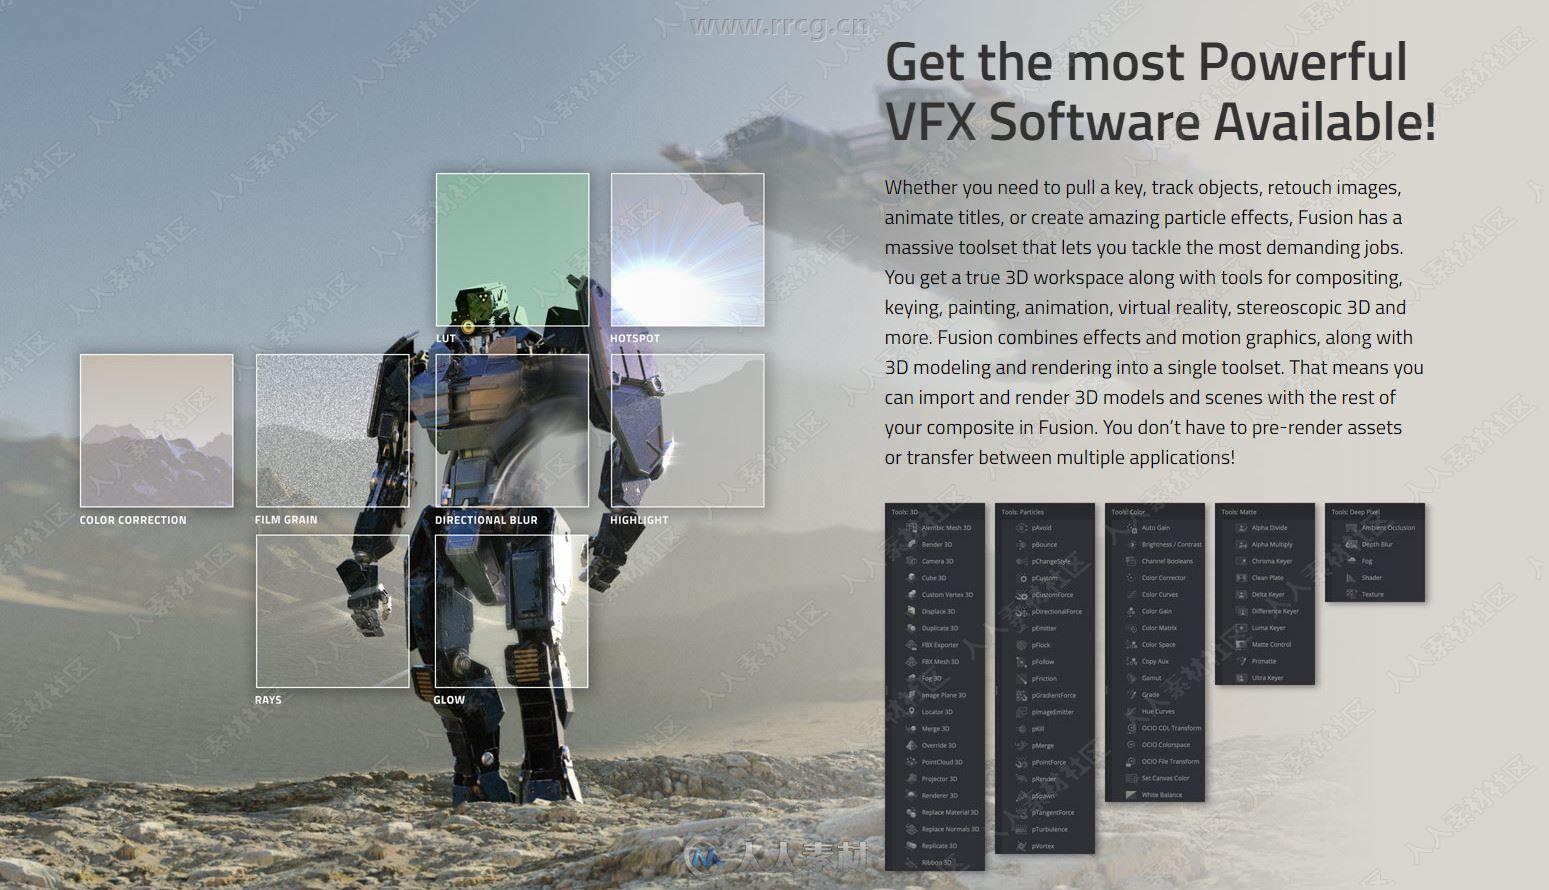 Fusion Studio 16影视特效软件V16.2.3 Win版7 / 作者:抱着猫的老鼠 / 帖子ID:16762006,6514121